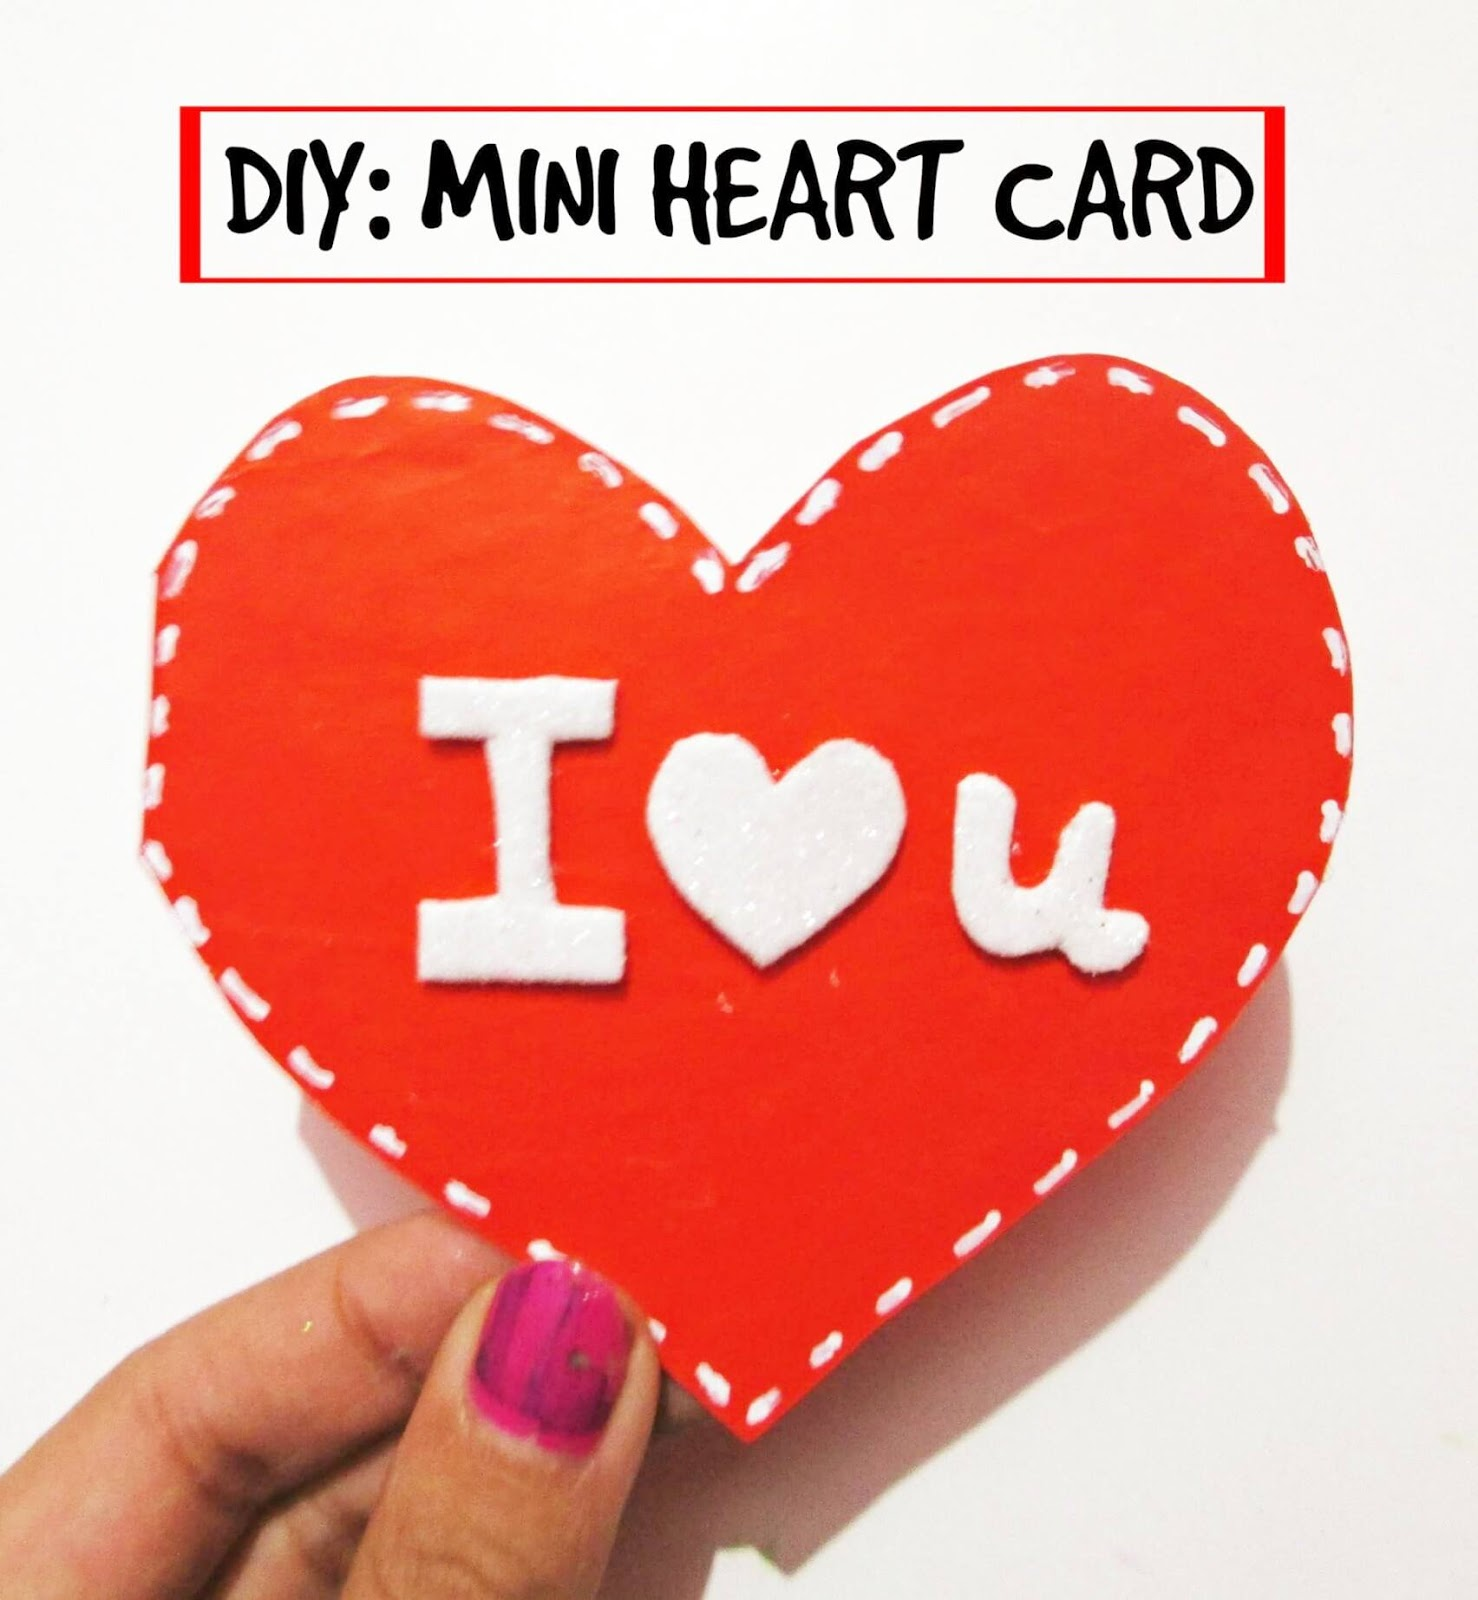 diary of seresha diy mini heart card